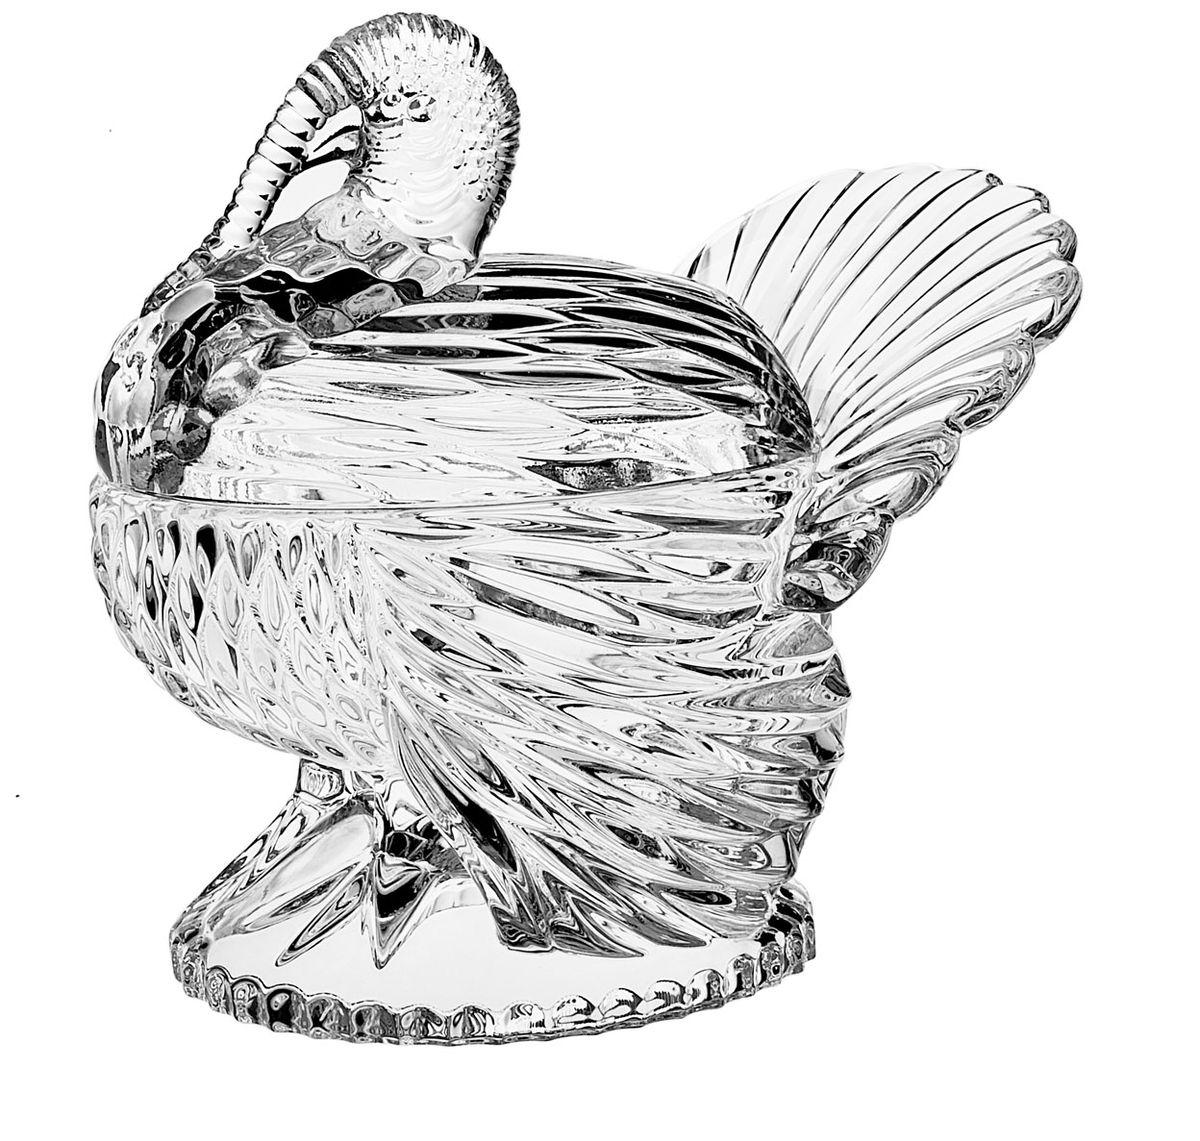 Доза Crystal Bohemia Индюк, 17 см х 15 см х 15,5 см990/58731/1/69731/180-109Доза Crystal Bohemia Индюк изготовлена из высококачественного хрусталя. Доза выполнена в форме индюка со съемной крышкой и сочетает в себе изысканный дизайн с максимальной функциональностью. Ее можно использовать как блюдо для праздничной сервировки стола, так и шкатулку для хранения украшений. Она прекрасно впишется в интерьер вашего дома и станет достойным дополнением к кухонному инвентарю.Доза подчеркнет прекрасный вкус хозяйки и станет отличным подарком. Размер дозы: 17 см х 15 см х 15,5 см.Размер емкости: 11 см х 8,5 см х 5,5 см.